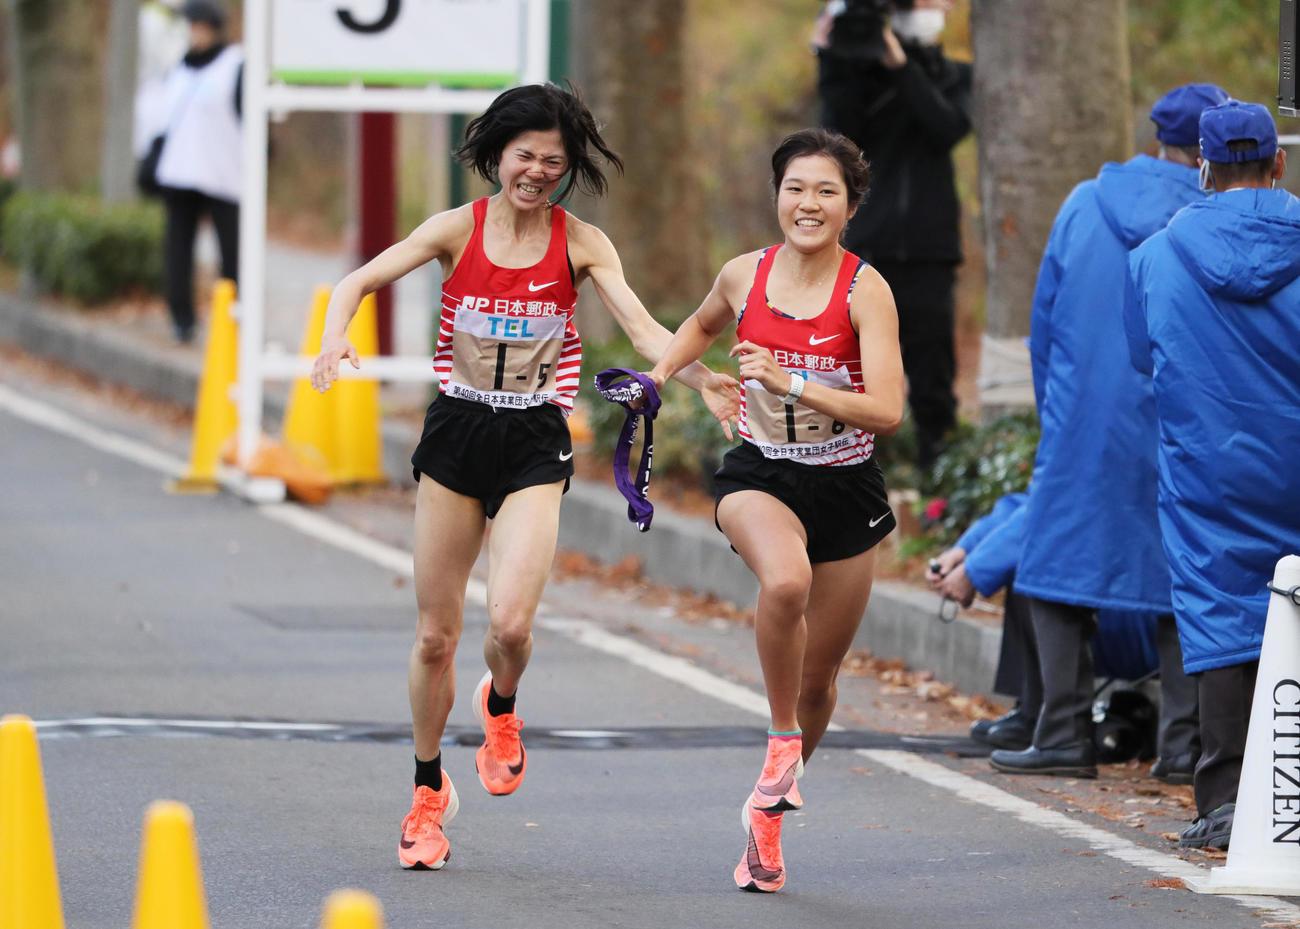 日本郵政5区鈴木亜由子(左)は6区大西ひかり(右)にトップでたすきをつなぐ(代表撮影)